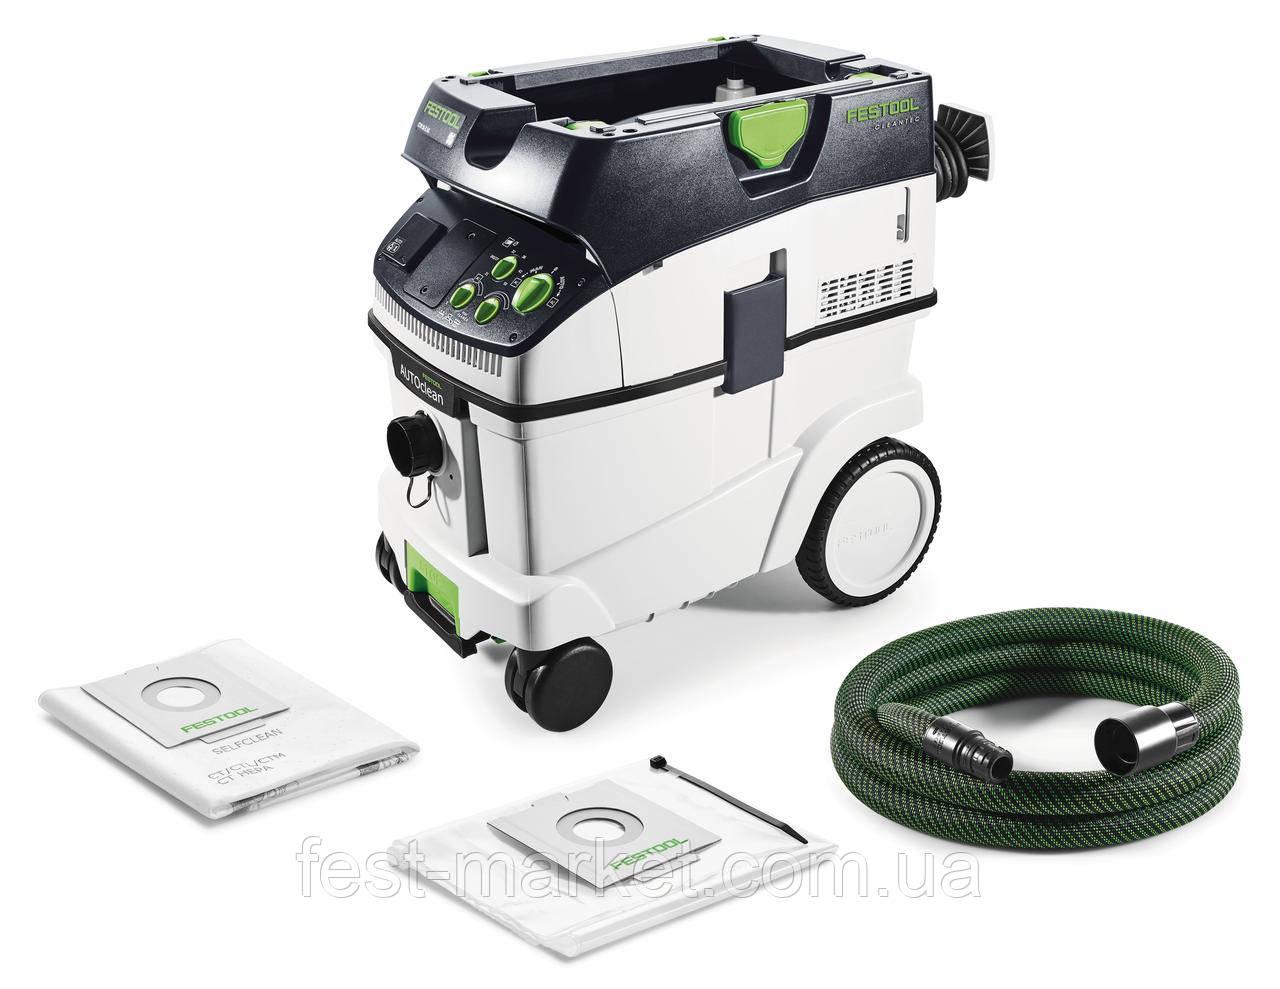 Пылеудаляющий аппарат CTM 36 E AC CLEANTEC Festool 574983